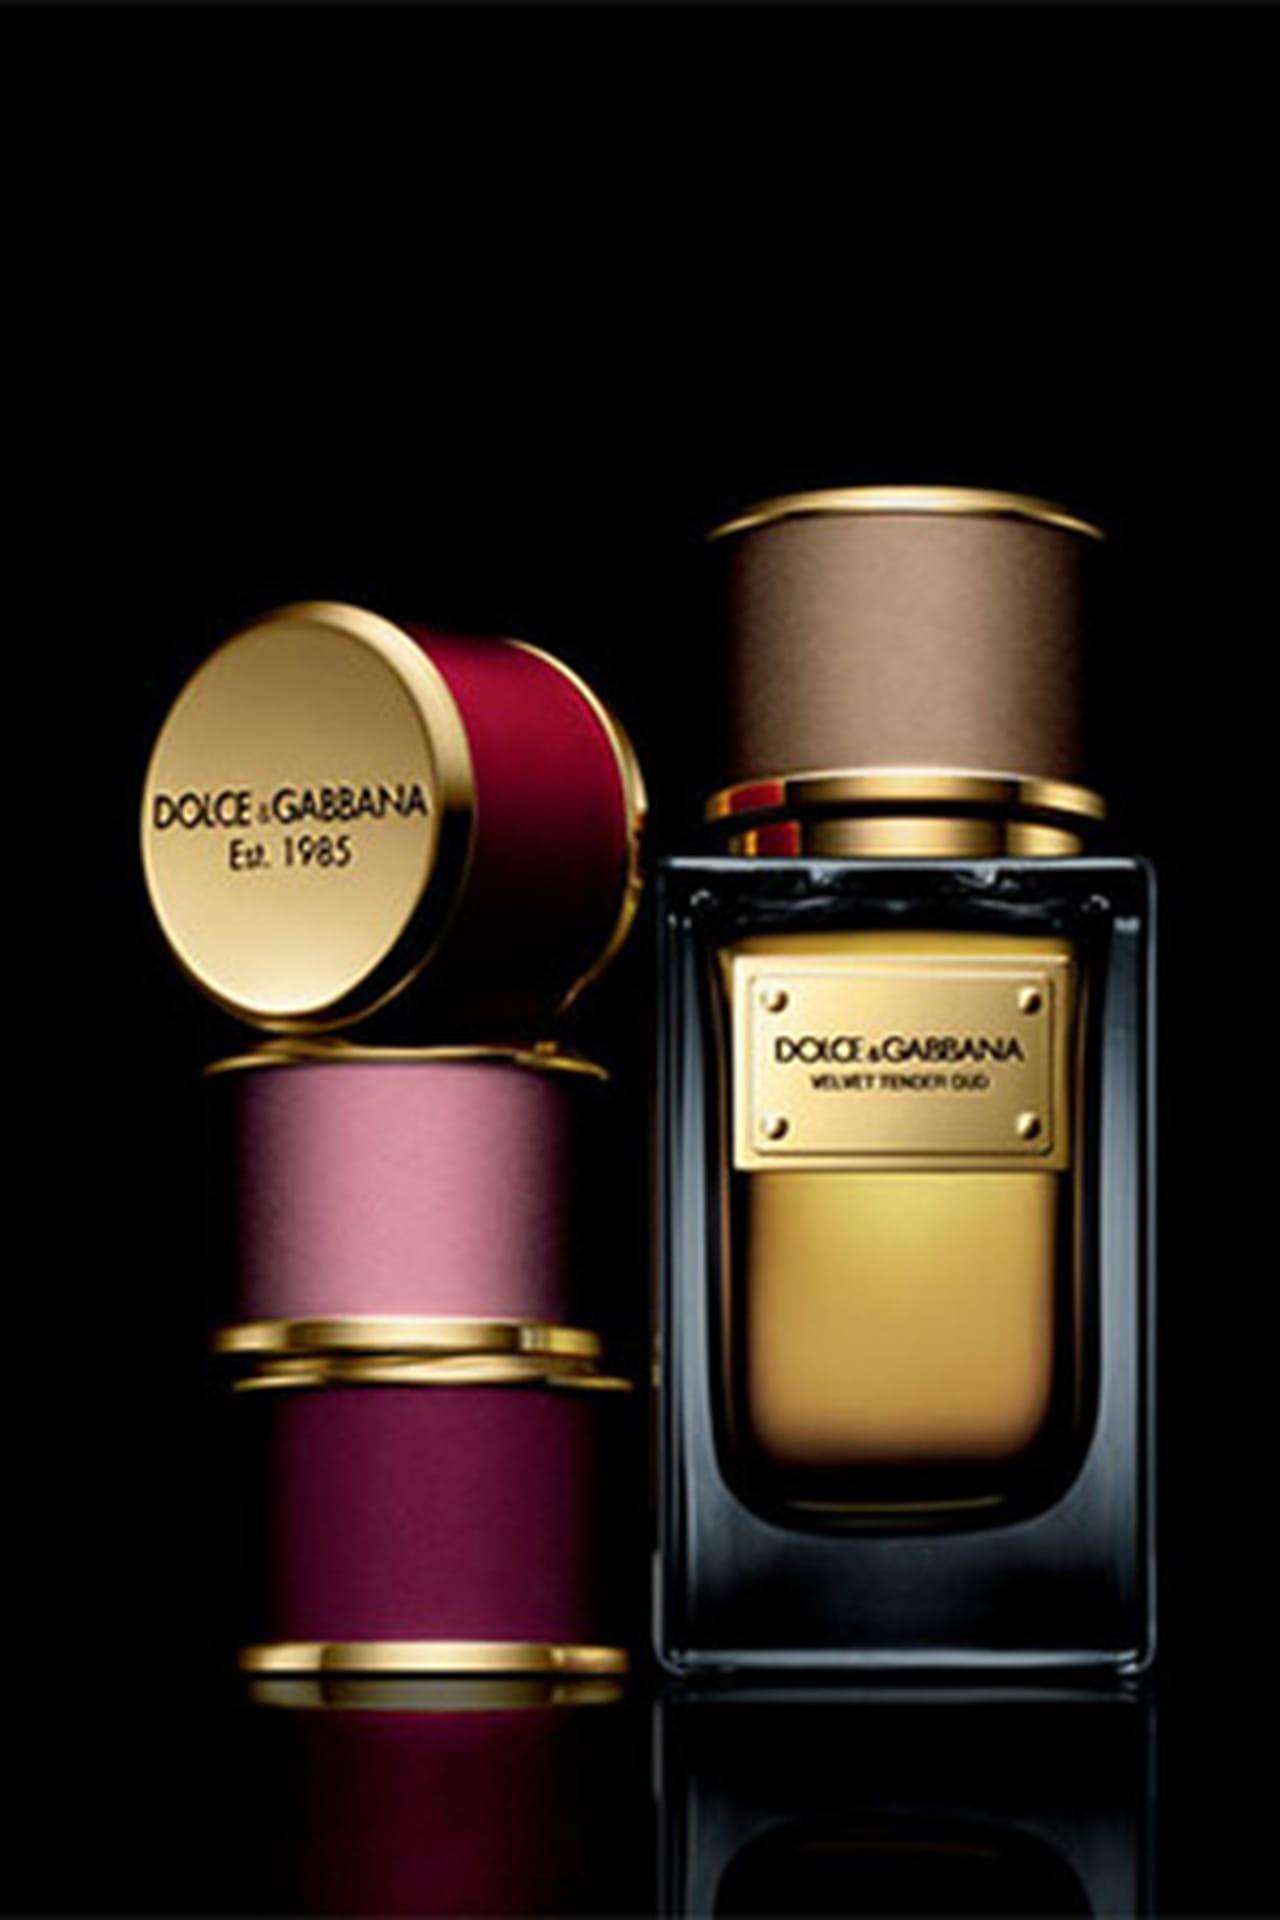 806245011 عطرين بلمسات الشرق في المجموعة المخملية Dolce & Gabbana Velvet